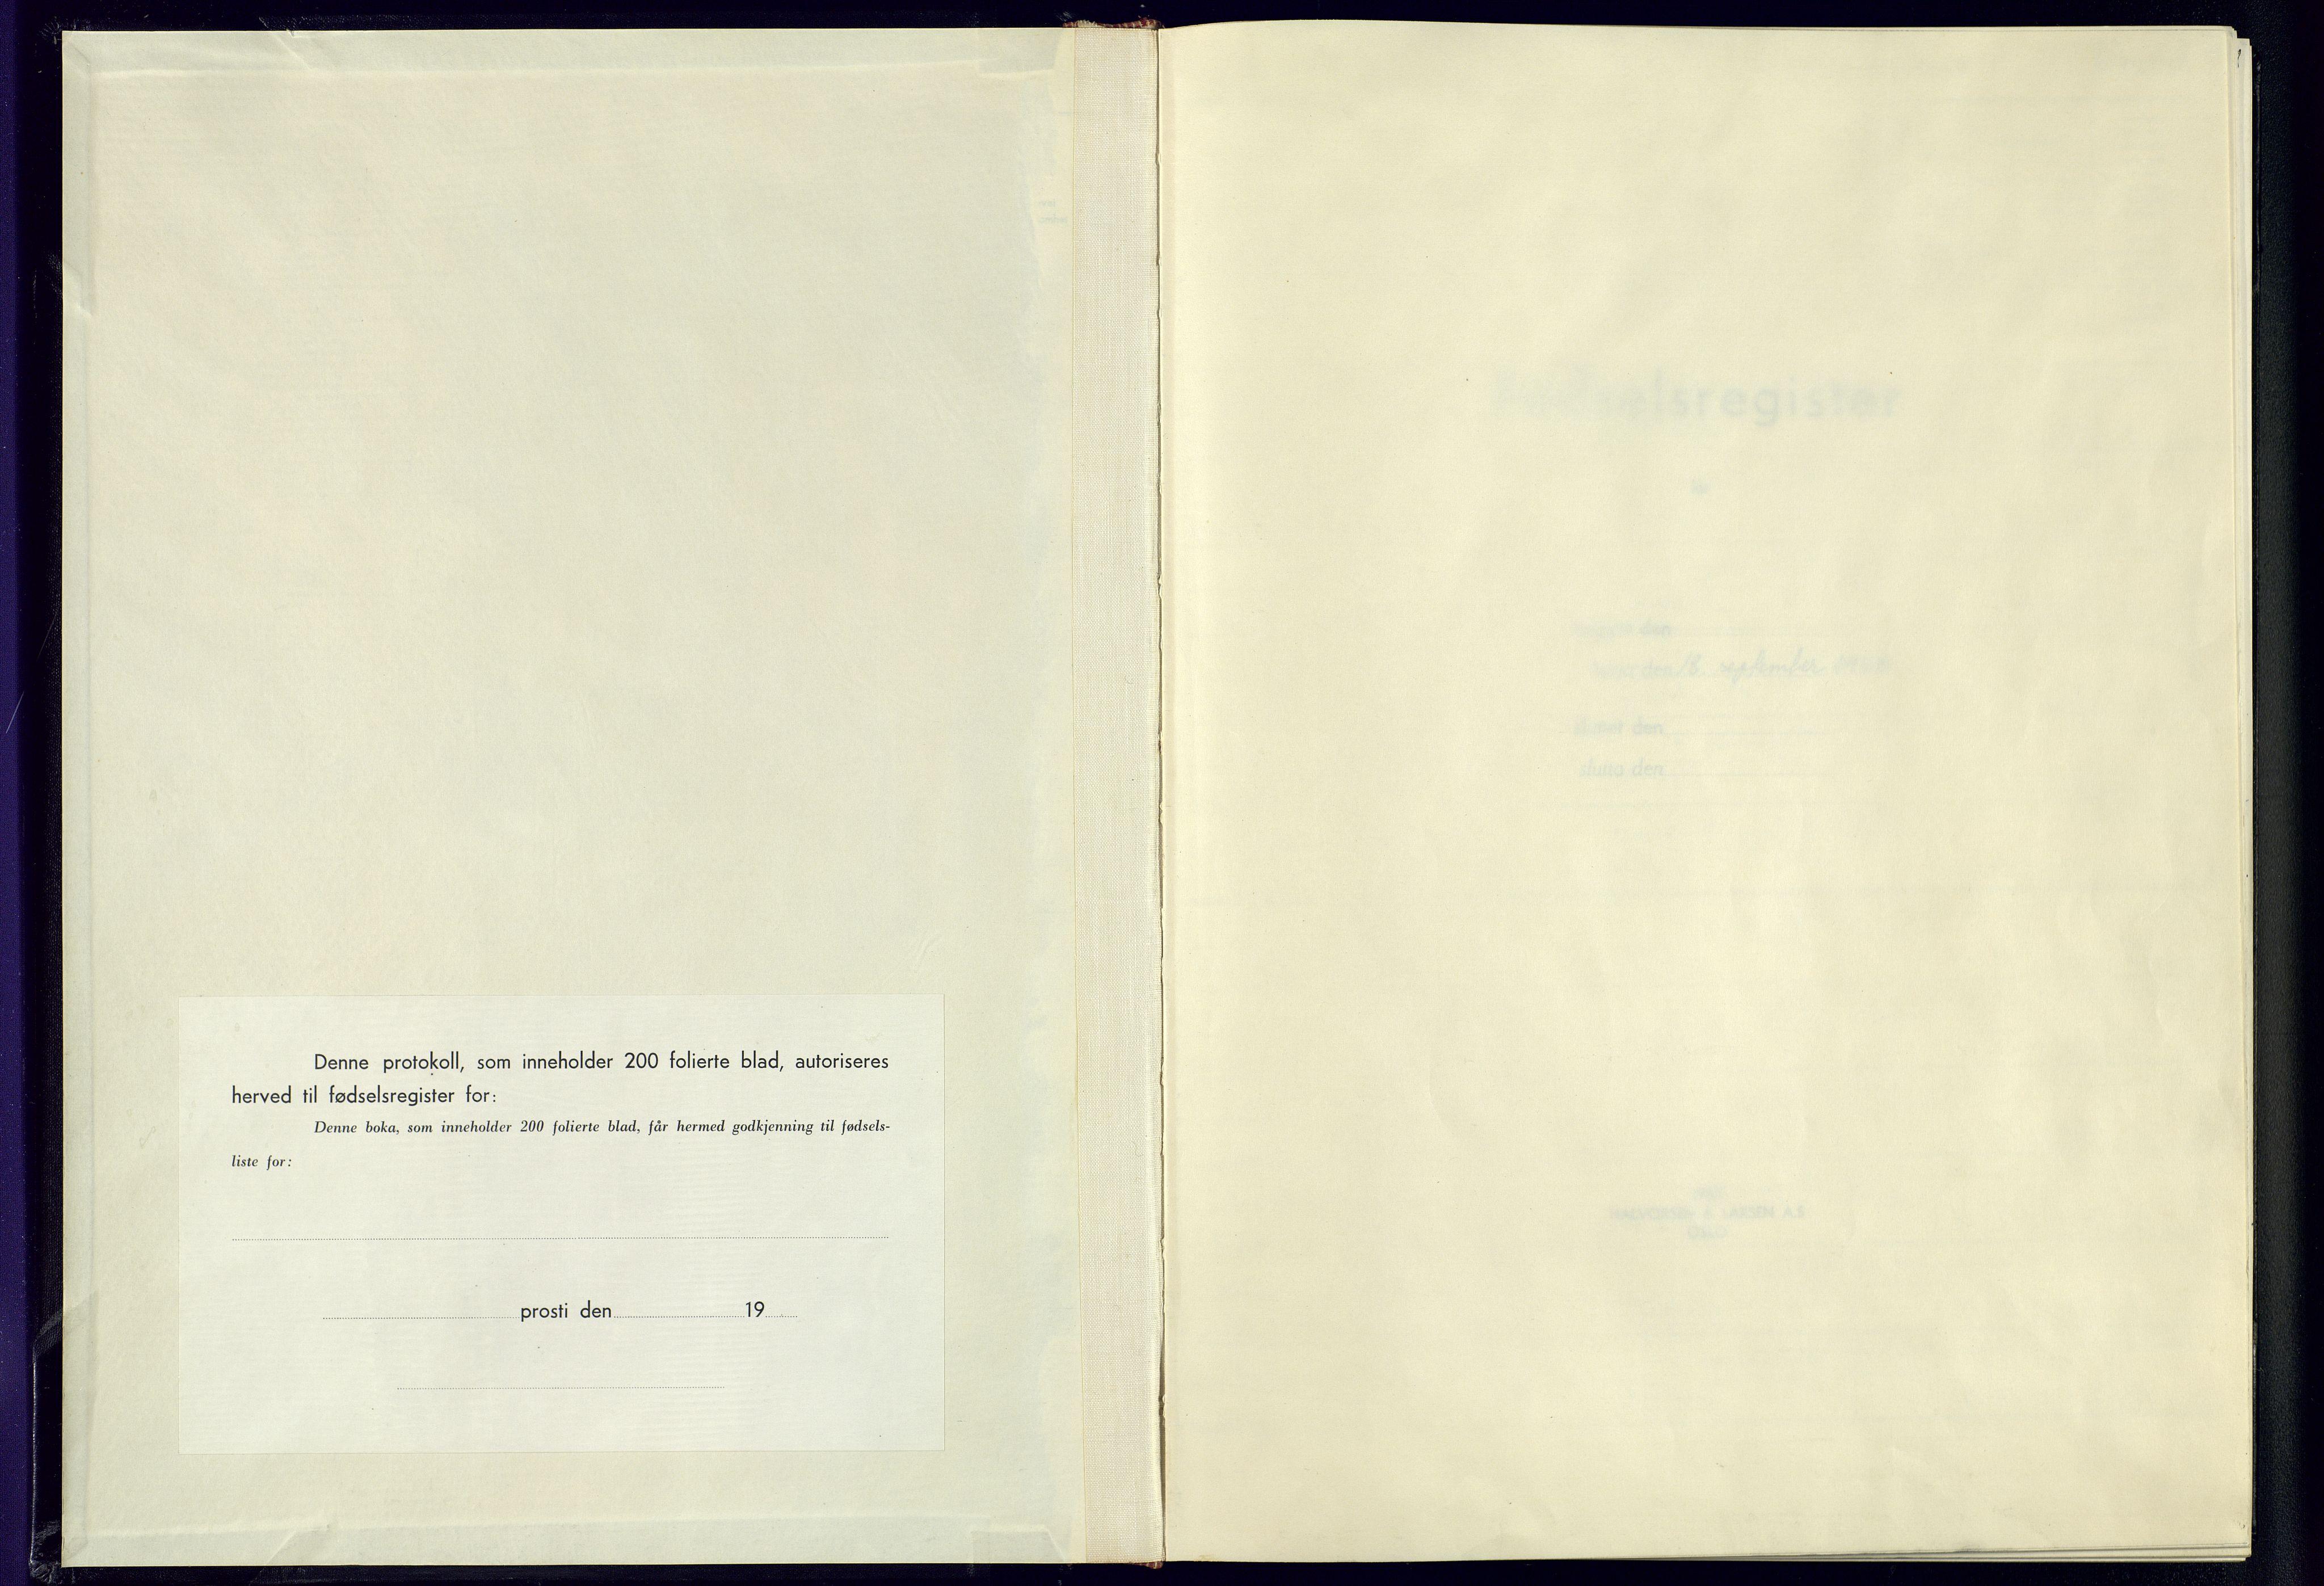 SAK, Evje sokneprestkontor, J/Jc/L0005: Birth register no. 5, 1968-1982